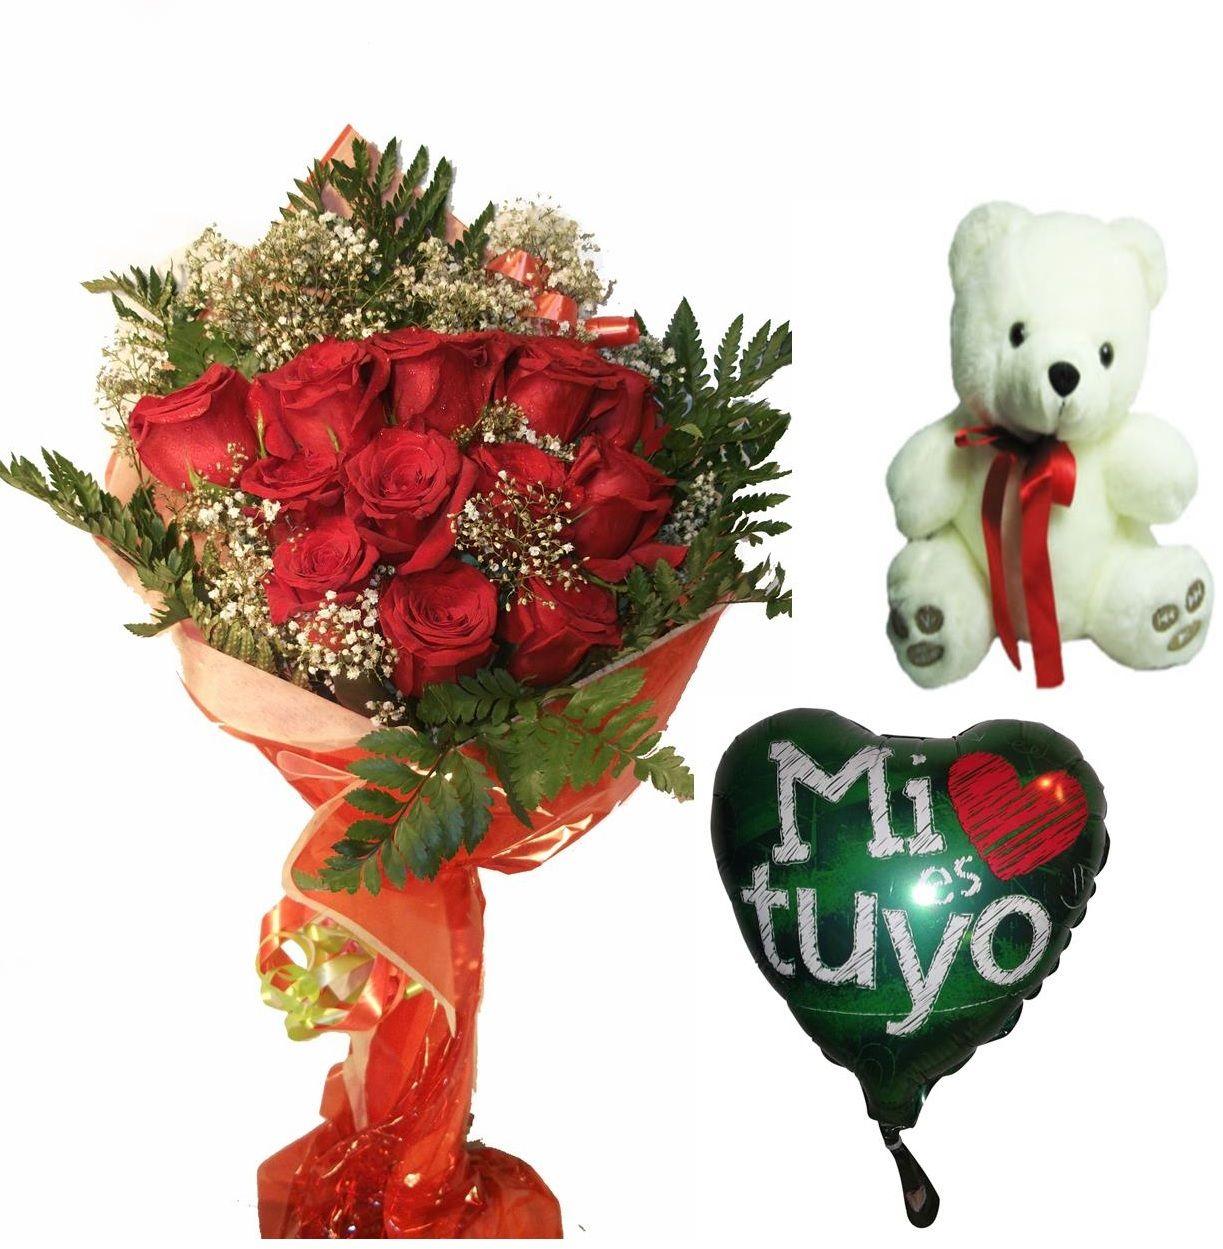 Envio de ramo de doce rosas a domicilio con peluche y globo